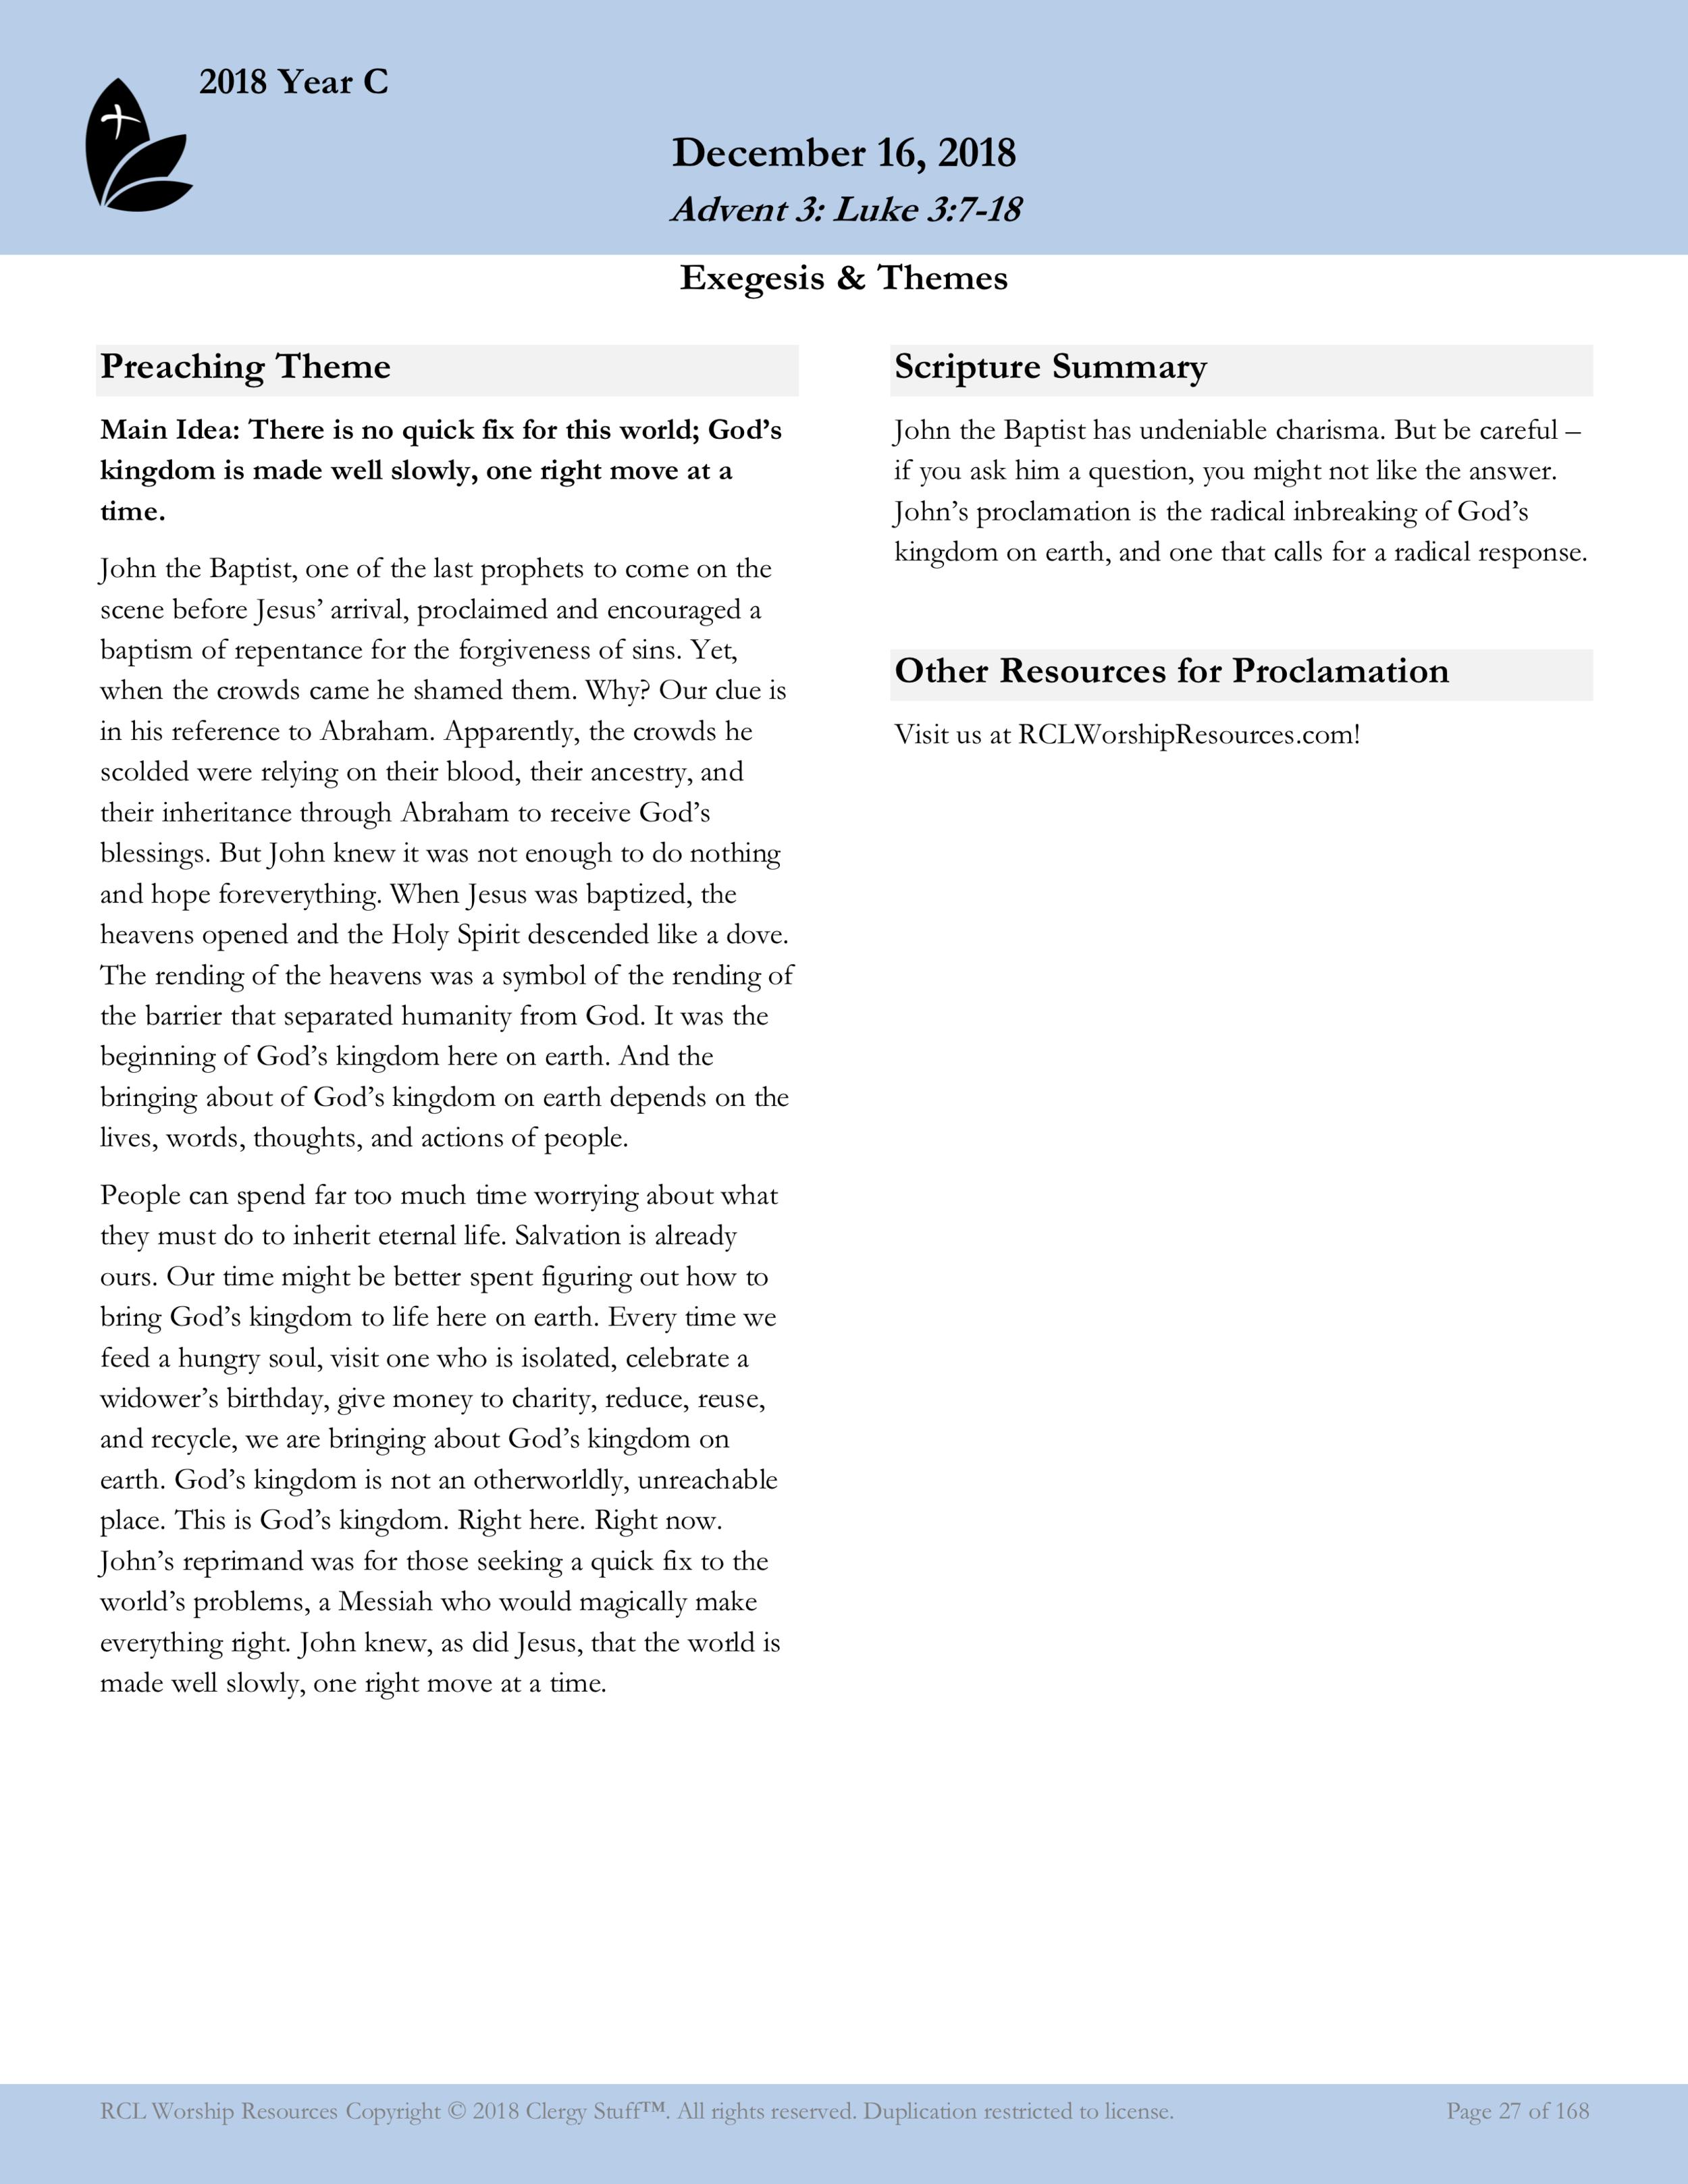 Worship Resources Sample